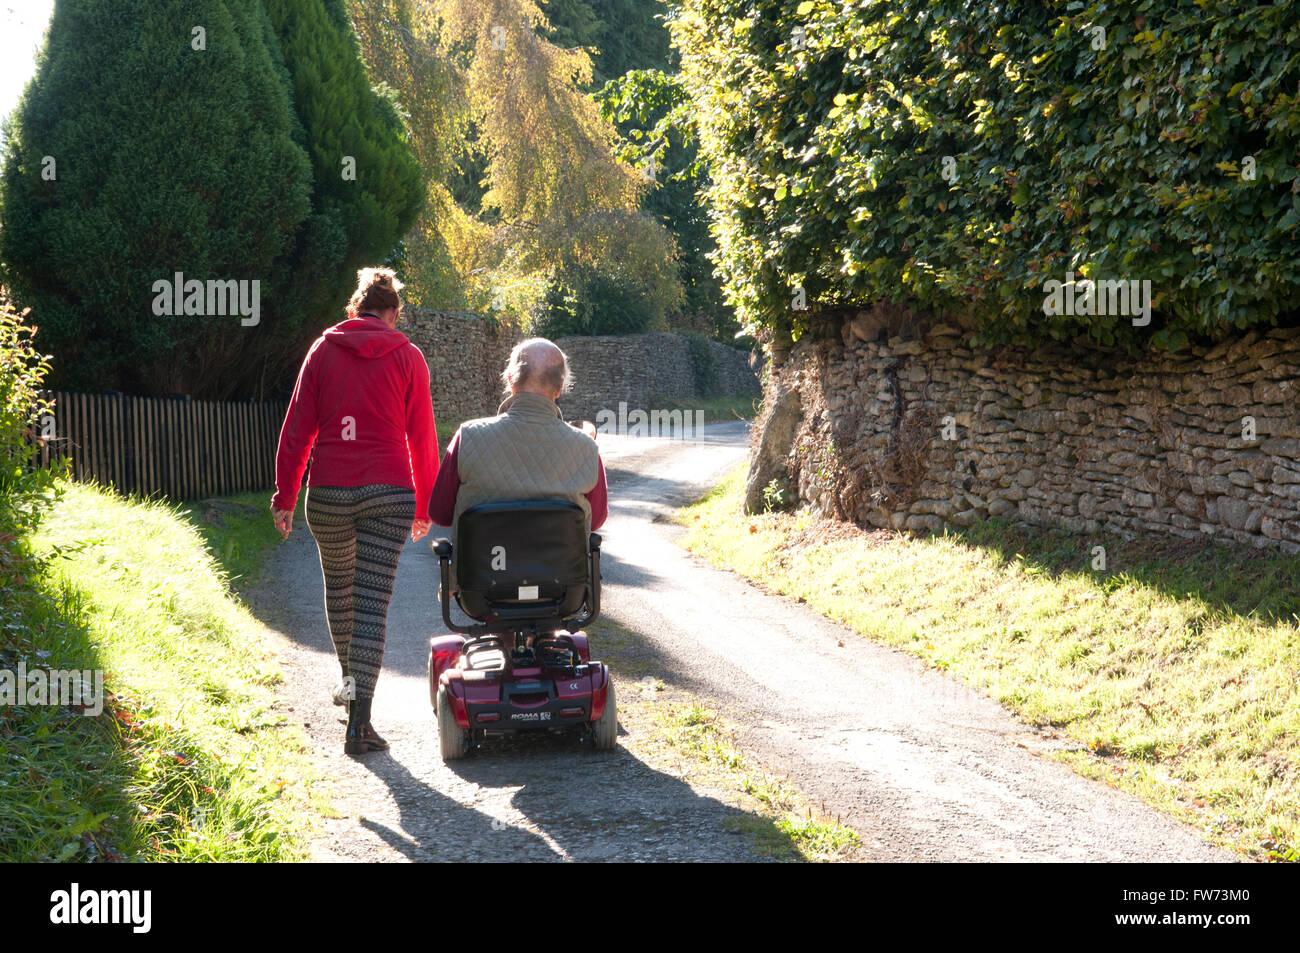 Vista trasera de un anciano con un scooter de movilidad con su cuidador caminando junto a él Foto de stock